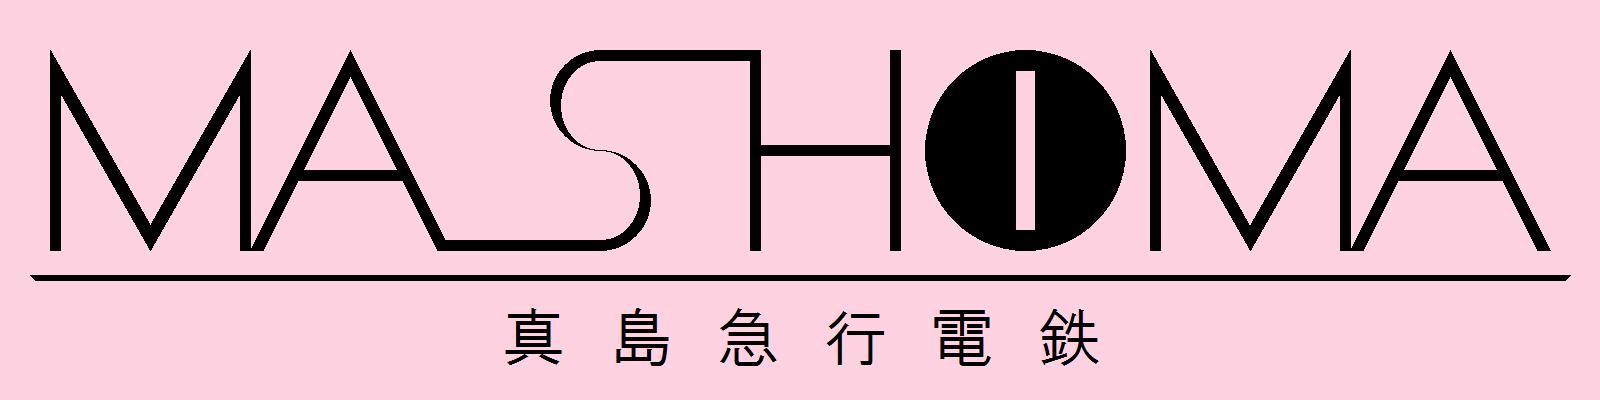 真島急行ロゴ.png